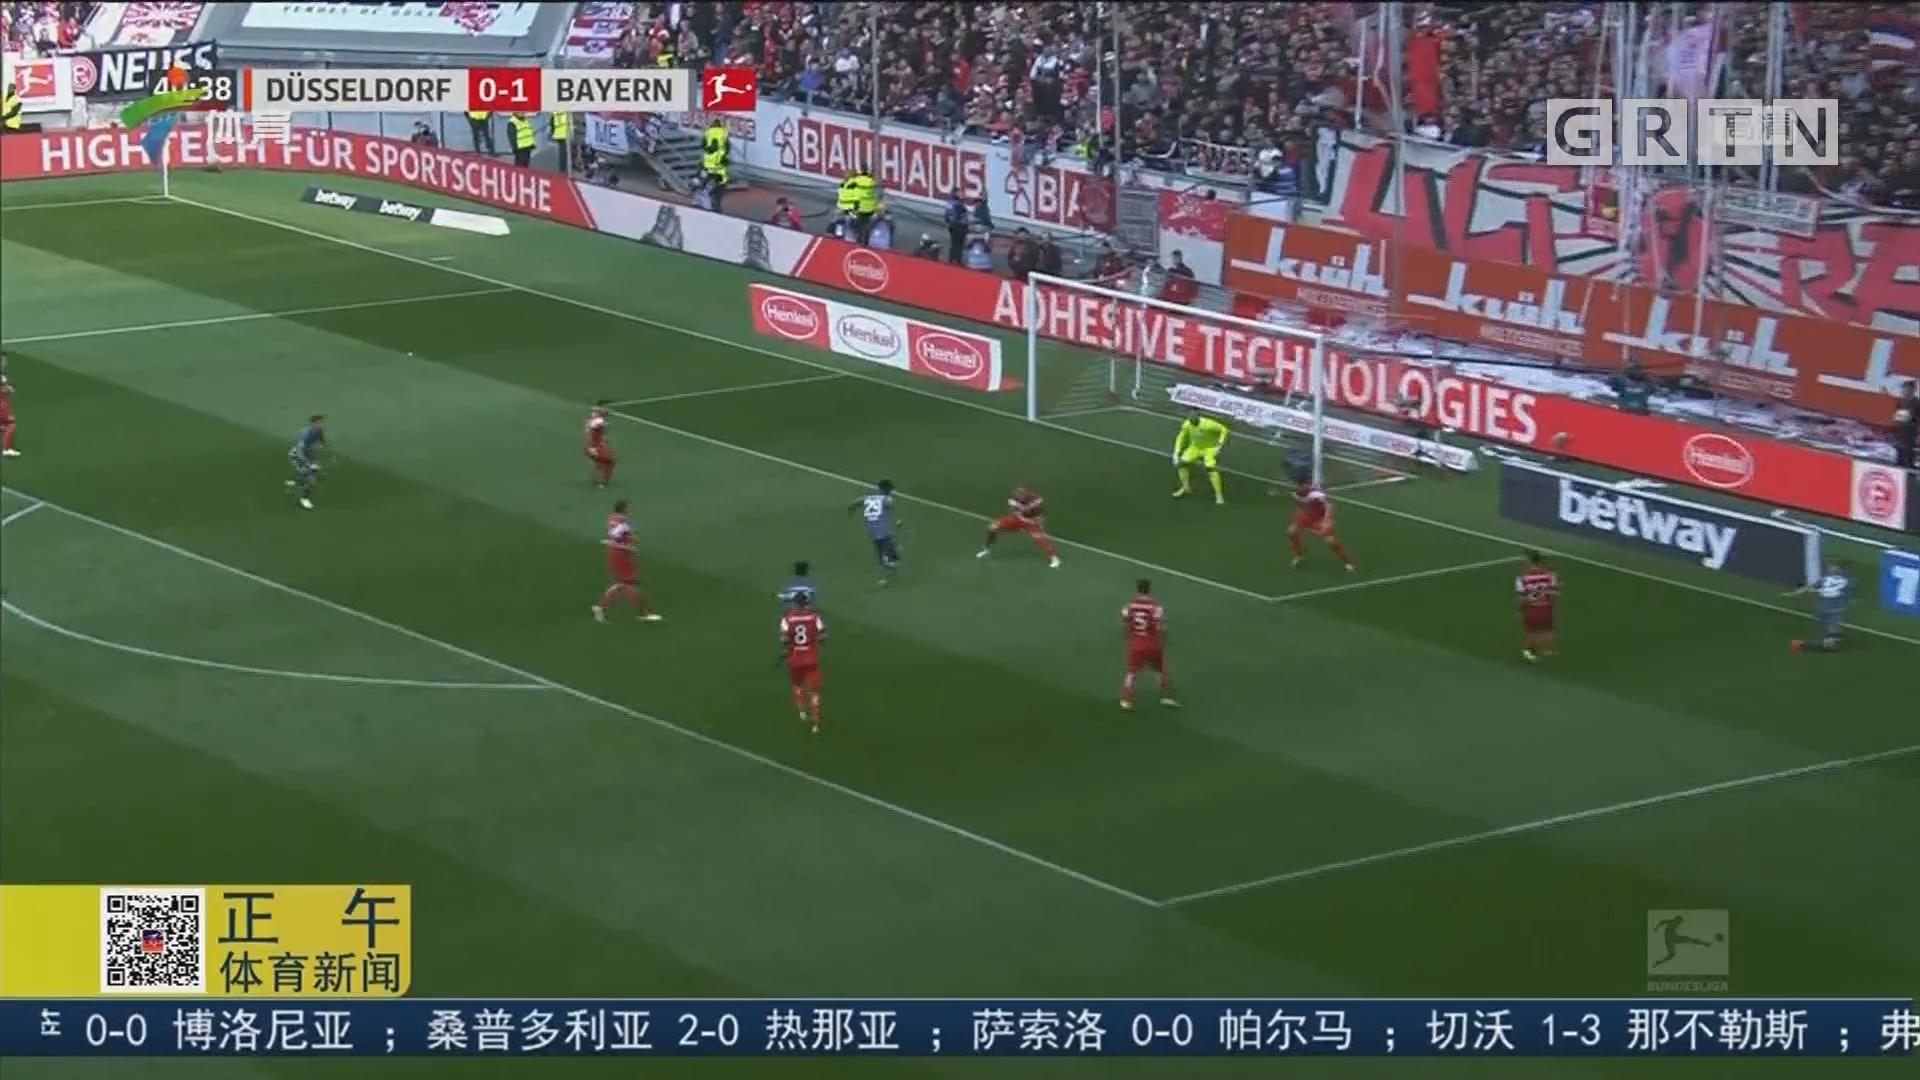 德甲 拜仁继续领跑积分榜